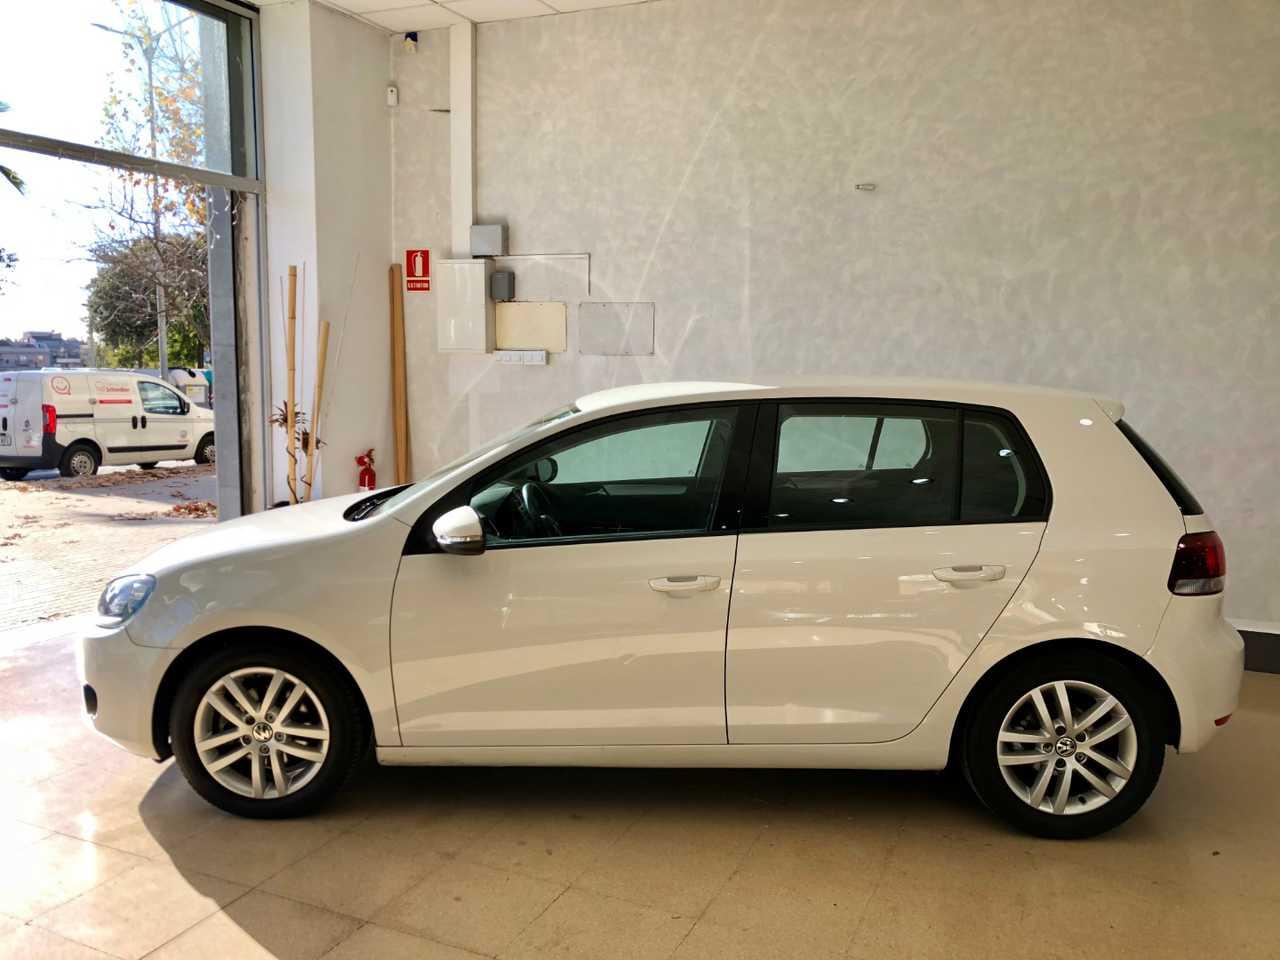 Volkswagen Golf 2.0 TDI 110CV Sport 5 Puertas   - Foto 1